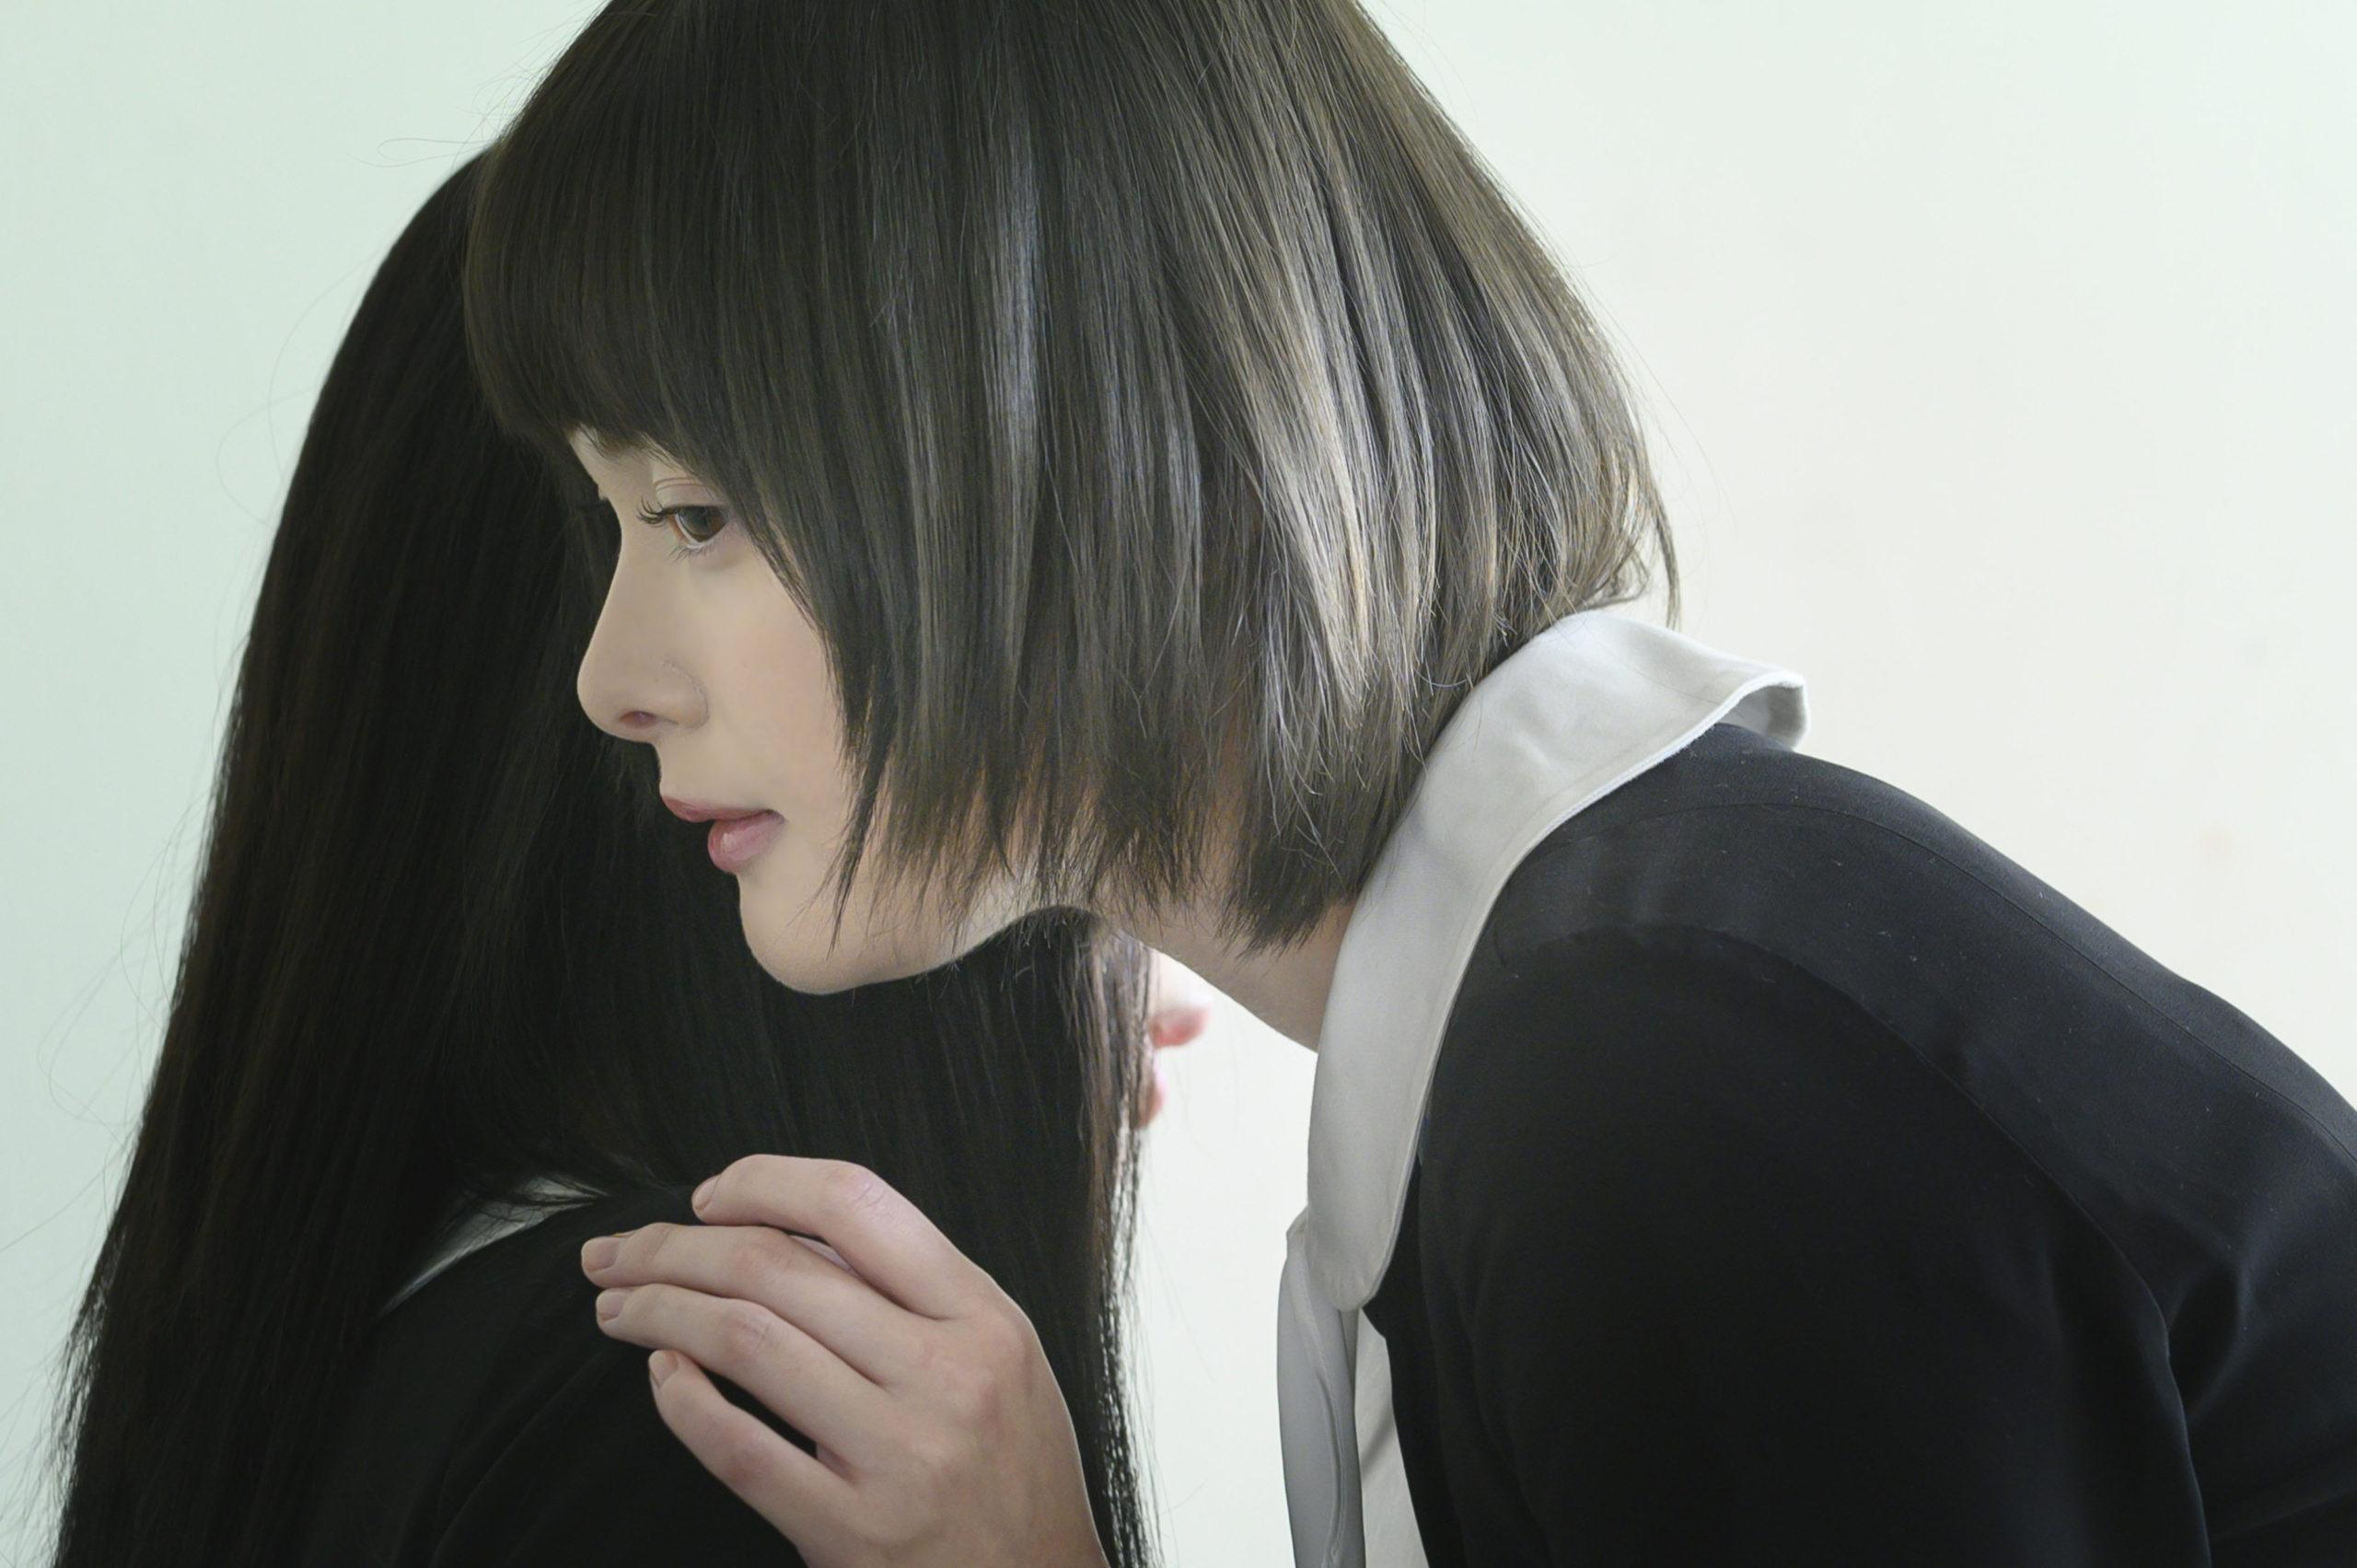 玉城ティナ主演の学園ミステリードラマ『そして、ユリコは一人になった』